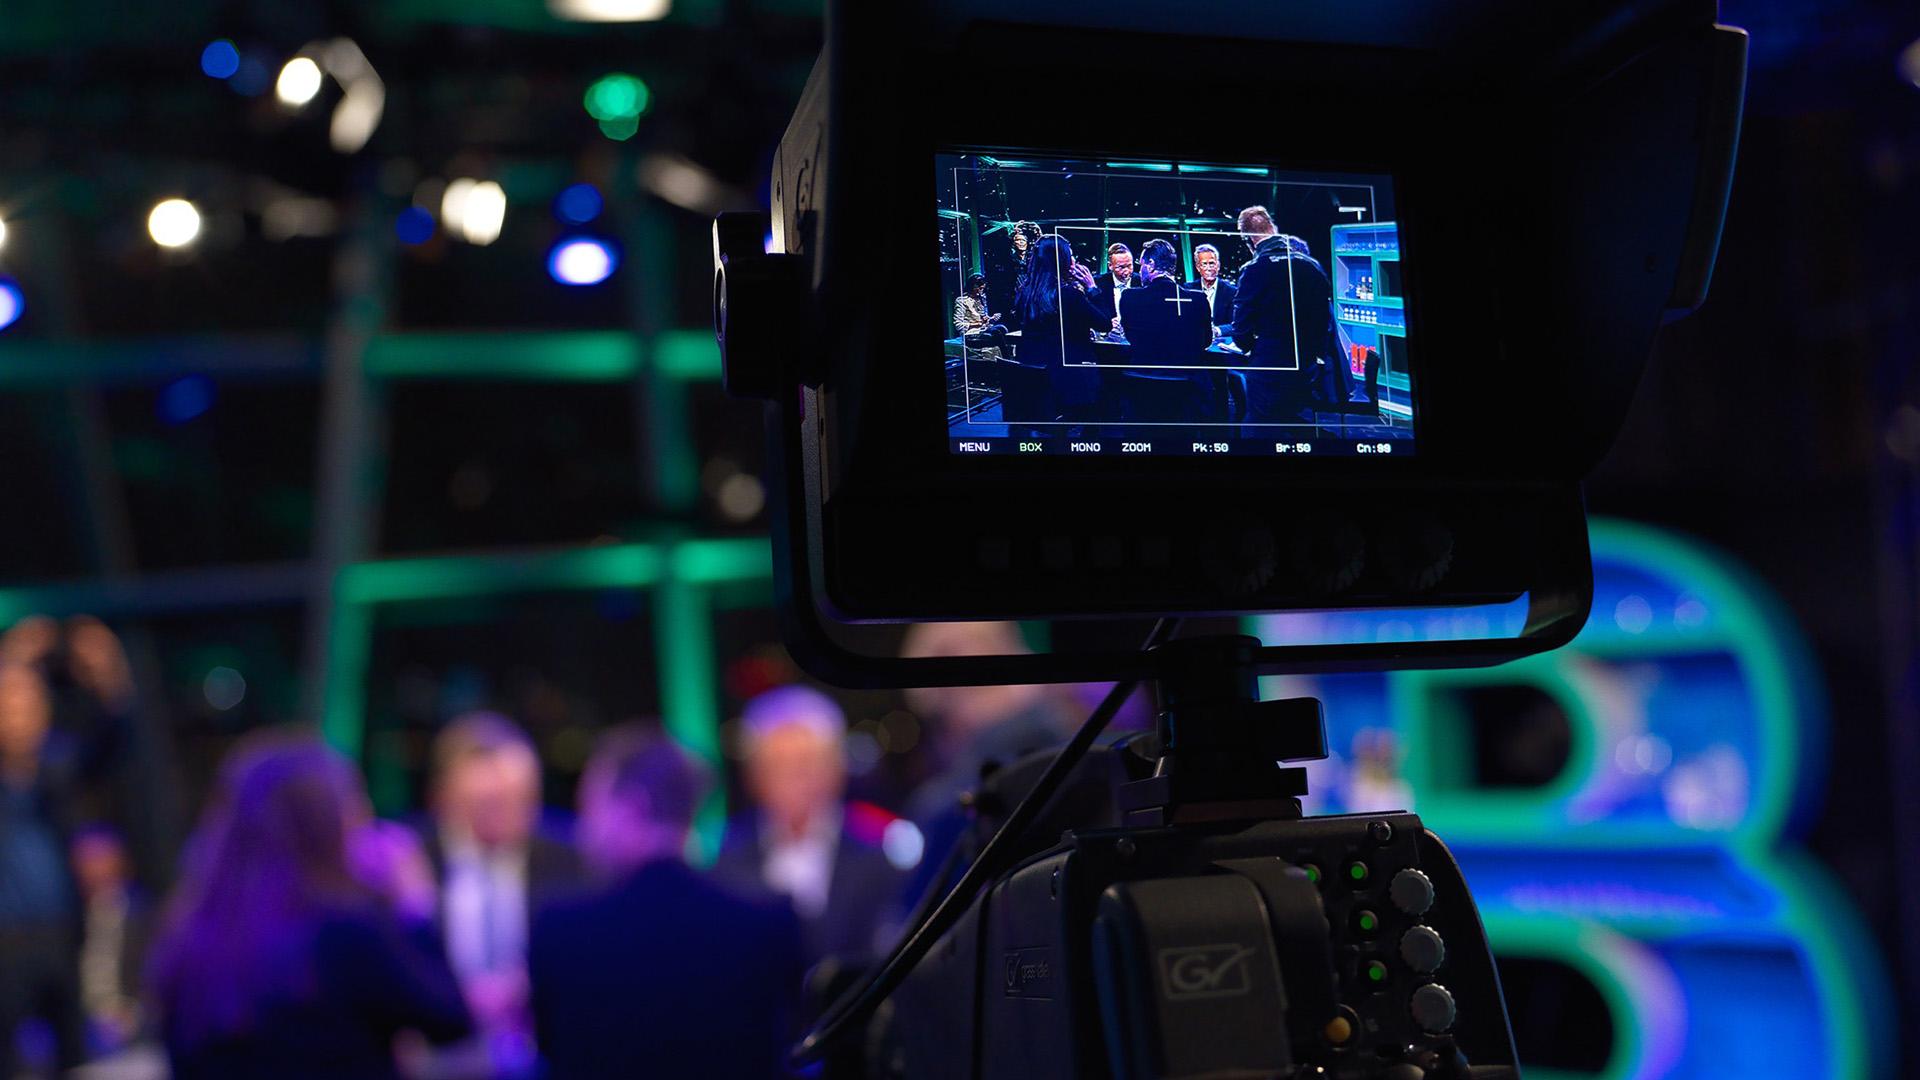 Groei in online consumeren maar marktaandeel RTL stabiel